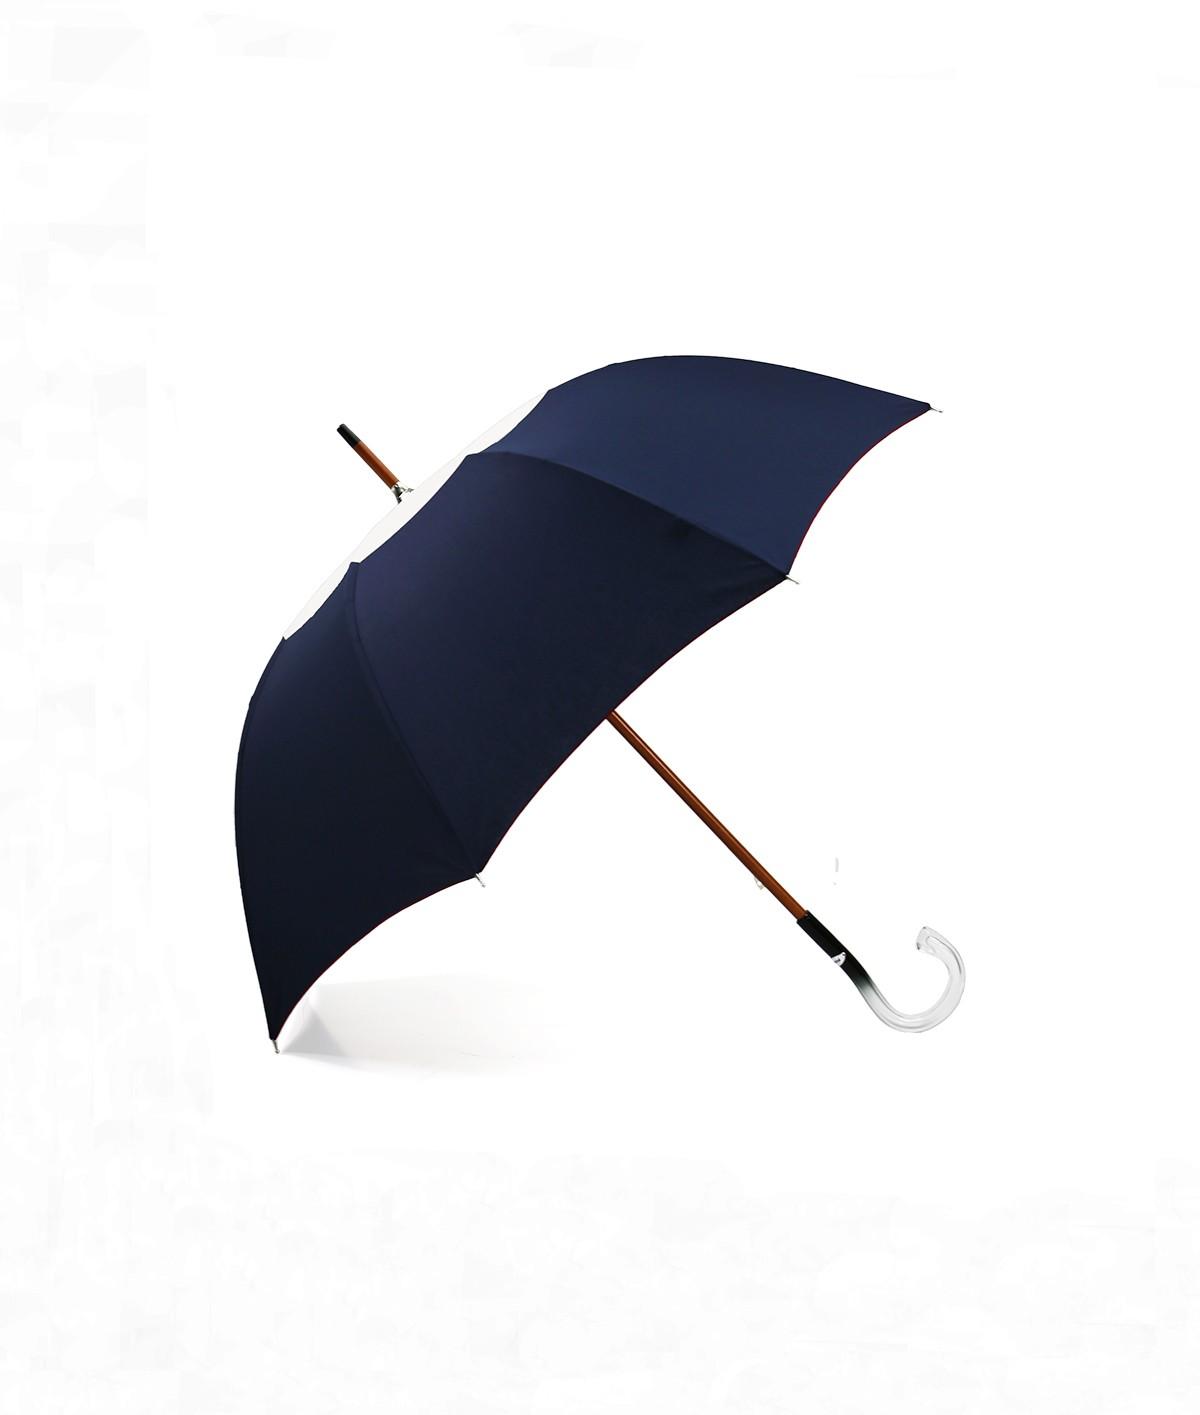 """→ Parapluie-Ombrelle - Série Limitée """"Les Bicolors"""" - Marine et Beige - Fabrication Made in France"""